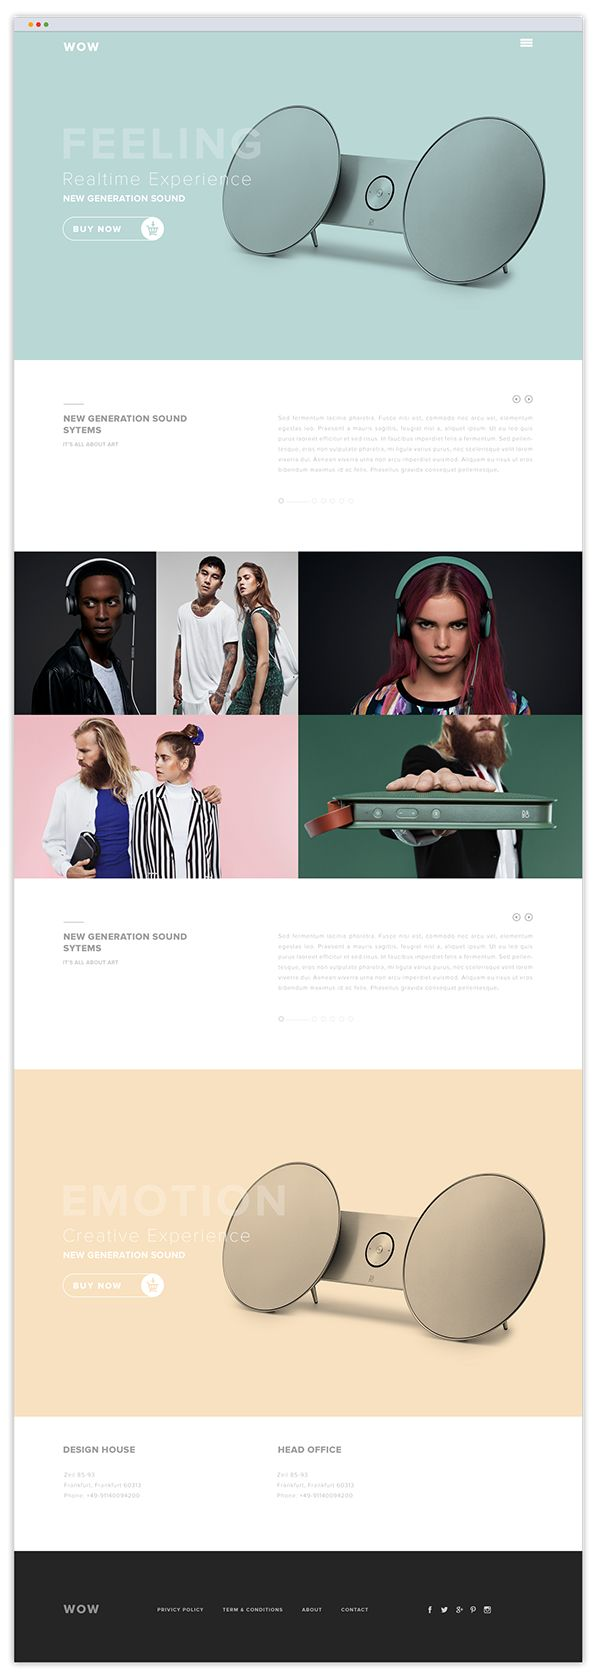 micro page design